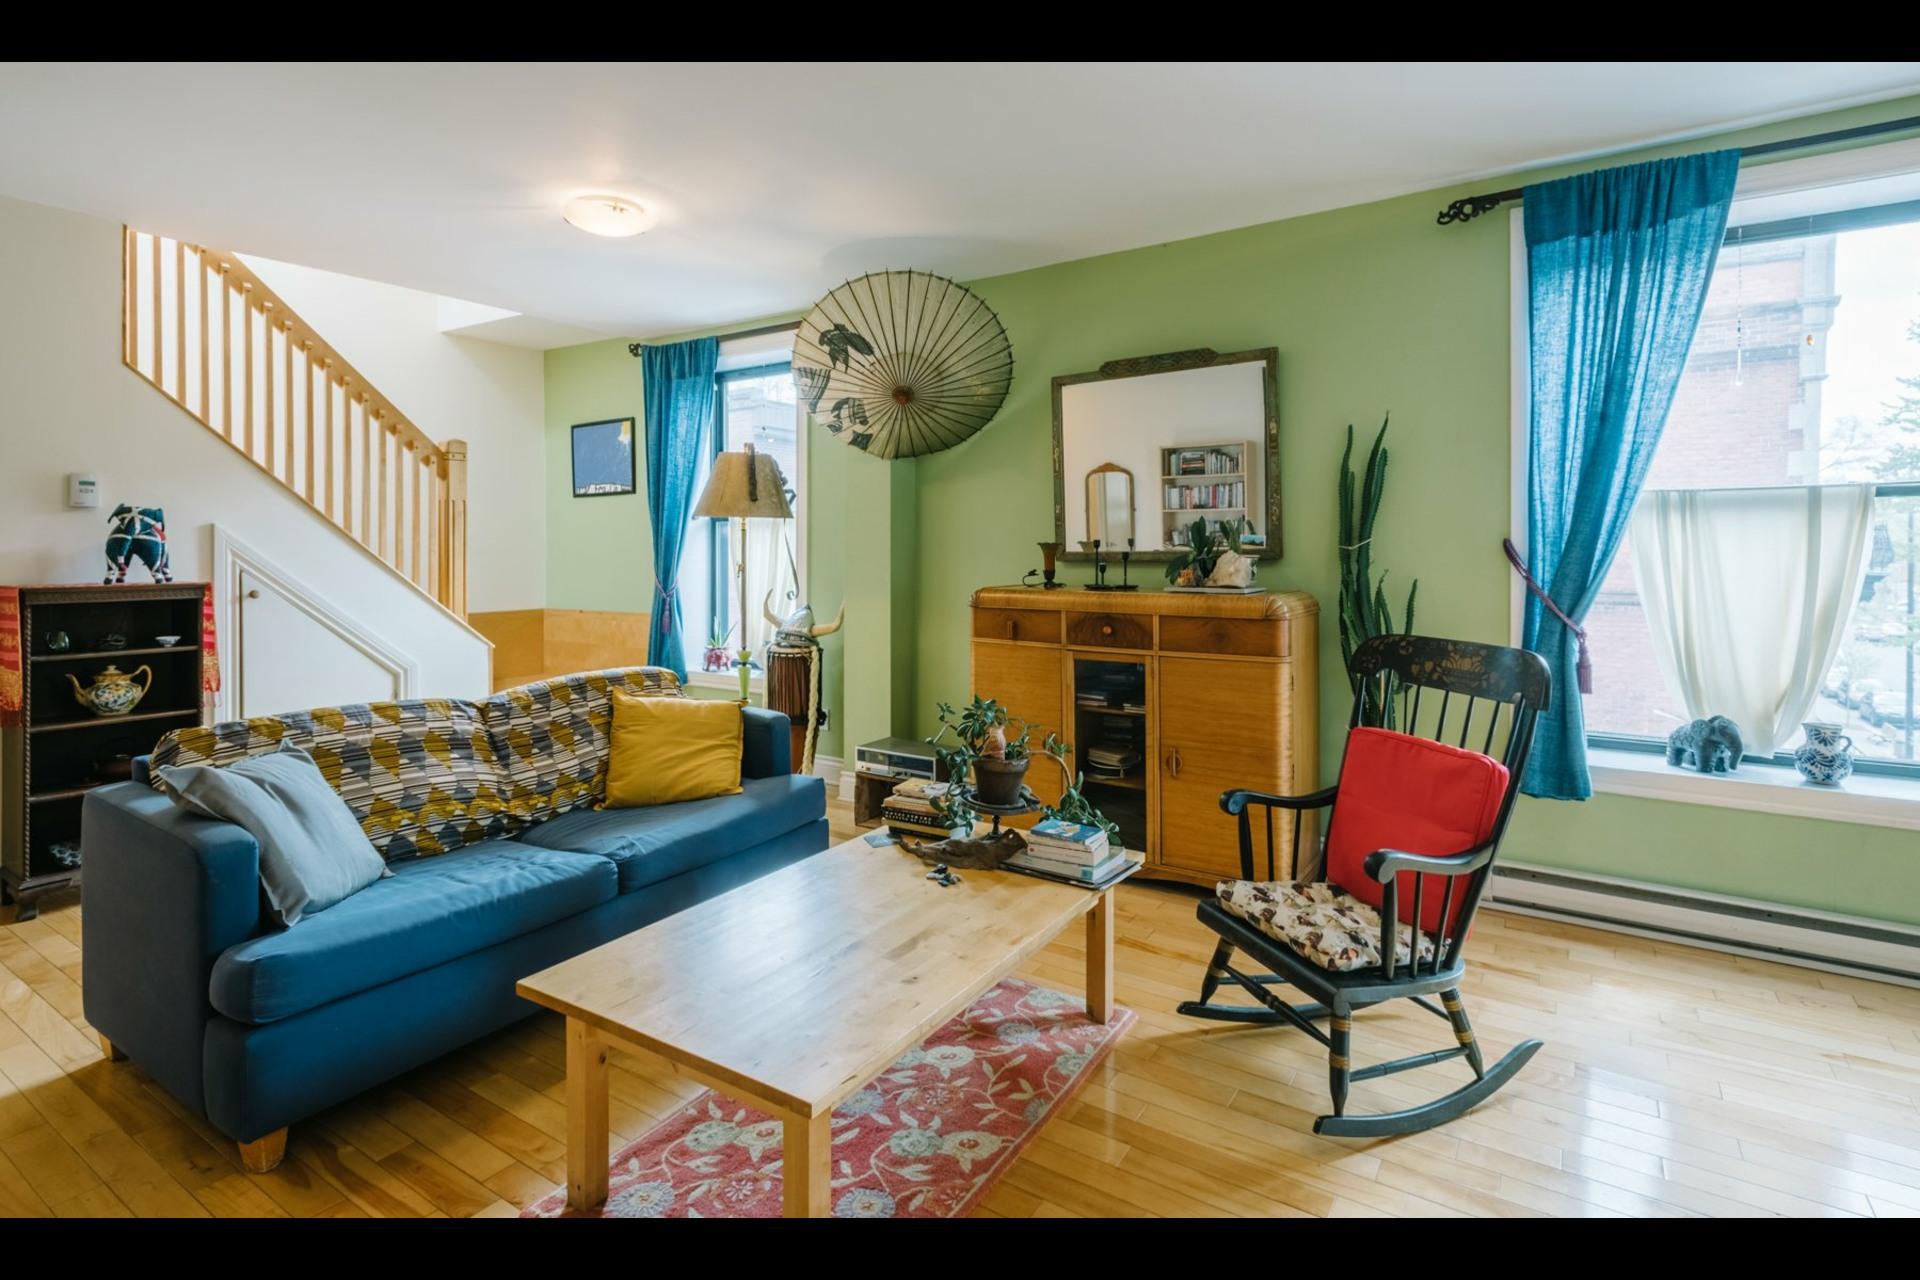 image 5 - Appartement À vendre Montréal Le Plateau-Mont-Royal  - 5 pièces